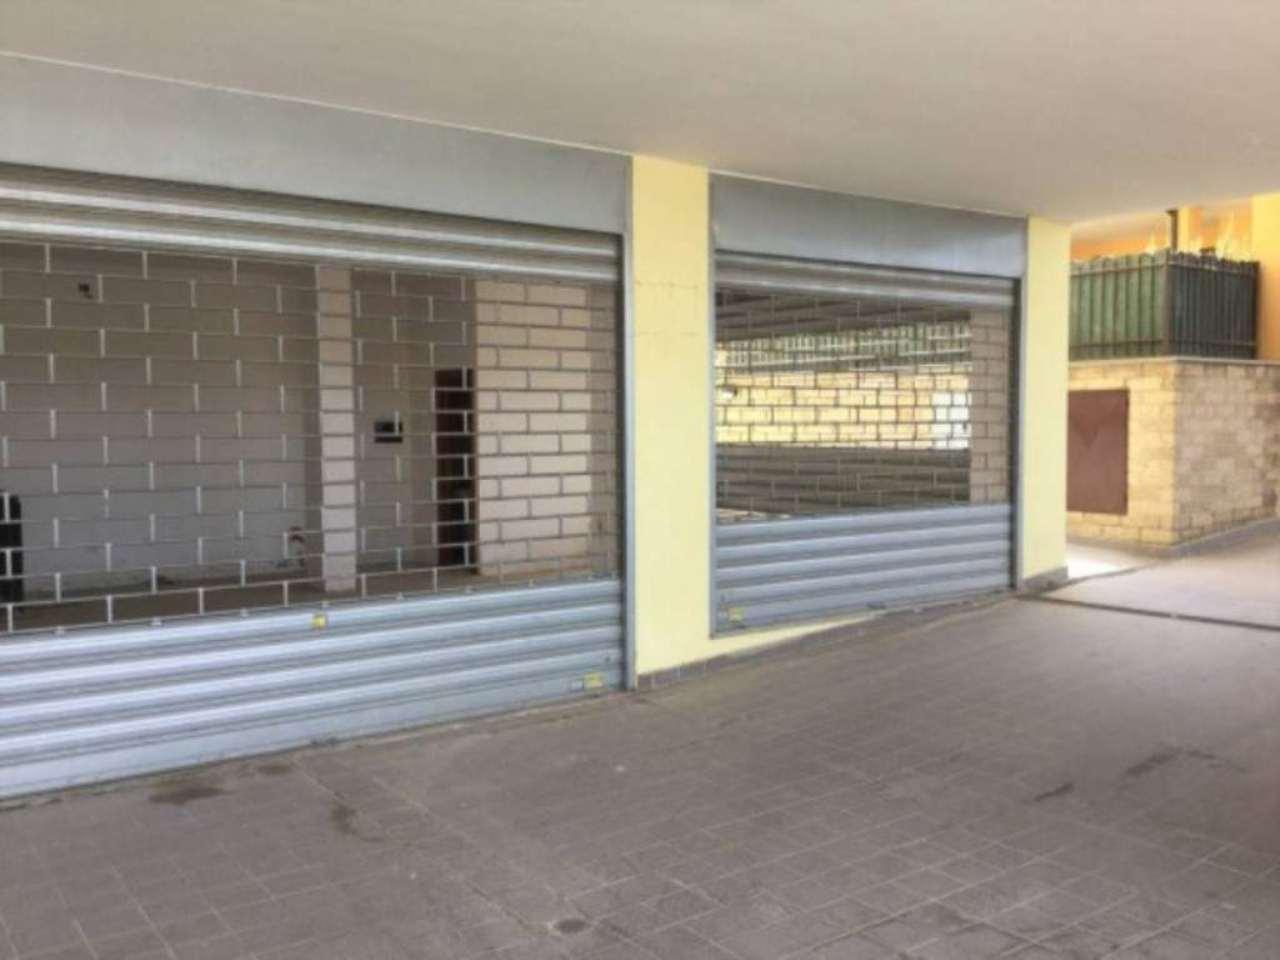 Negozio / Locale in affitto a Formello, 1 locali, prezzo € 700 | Cambio Casa.it